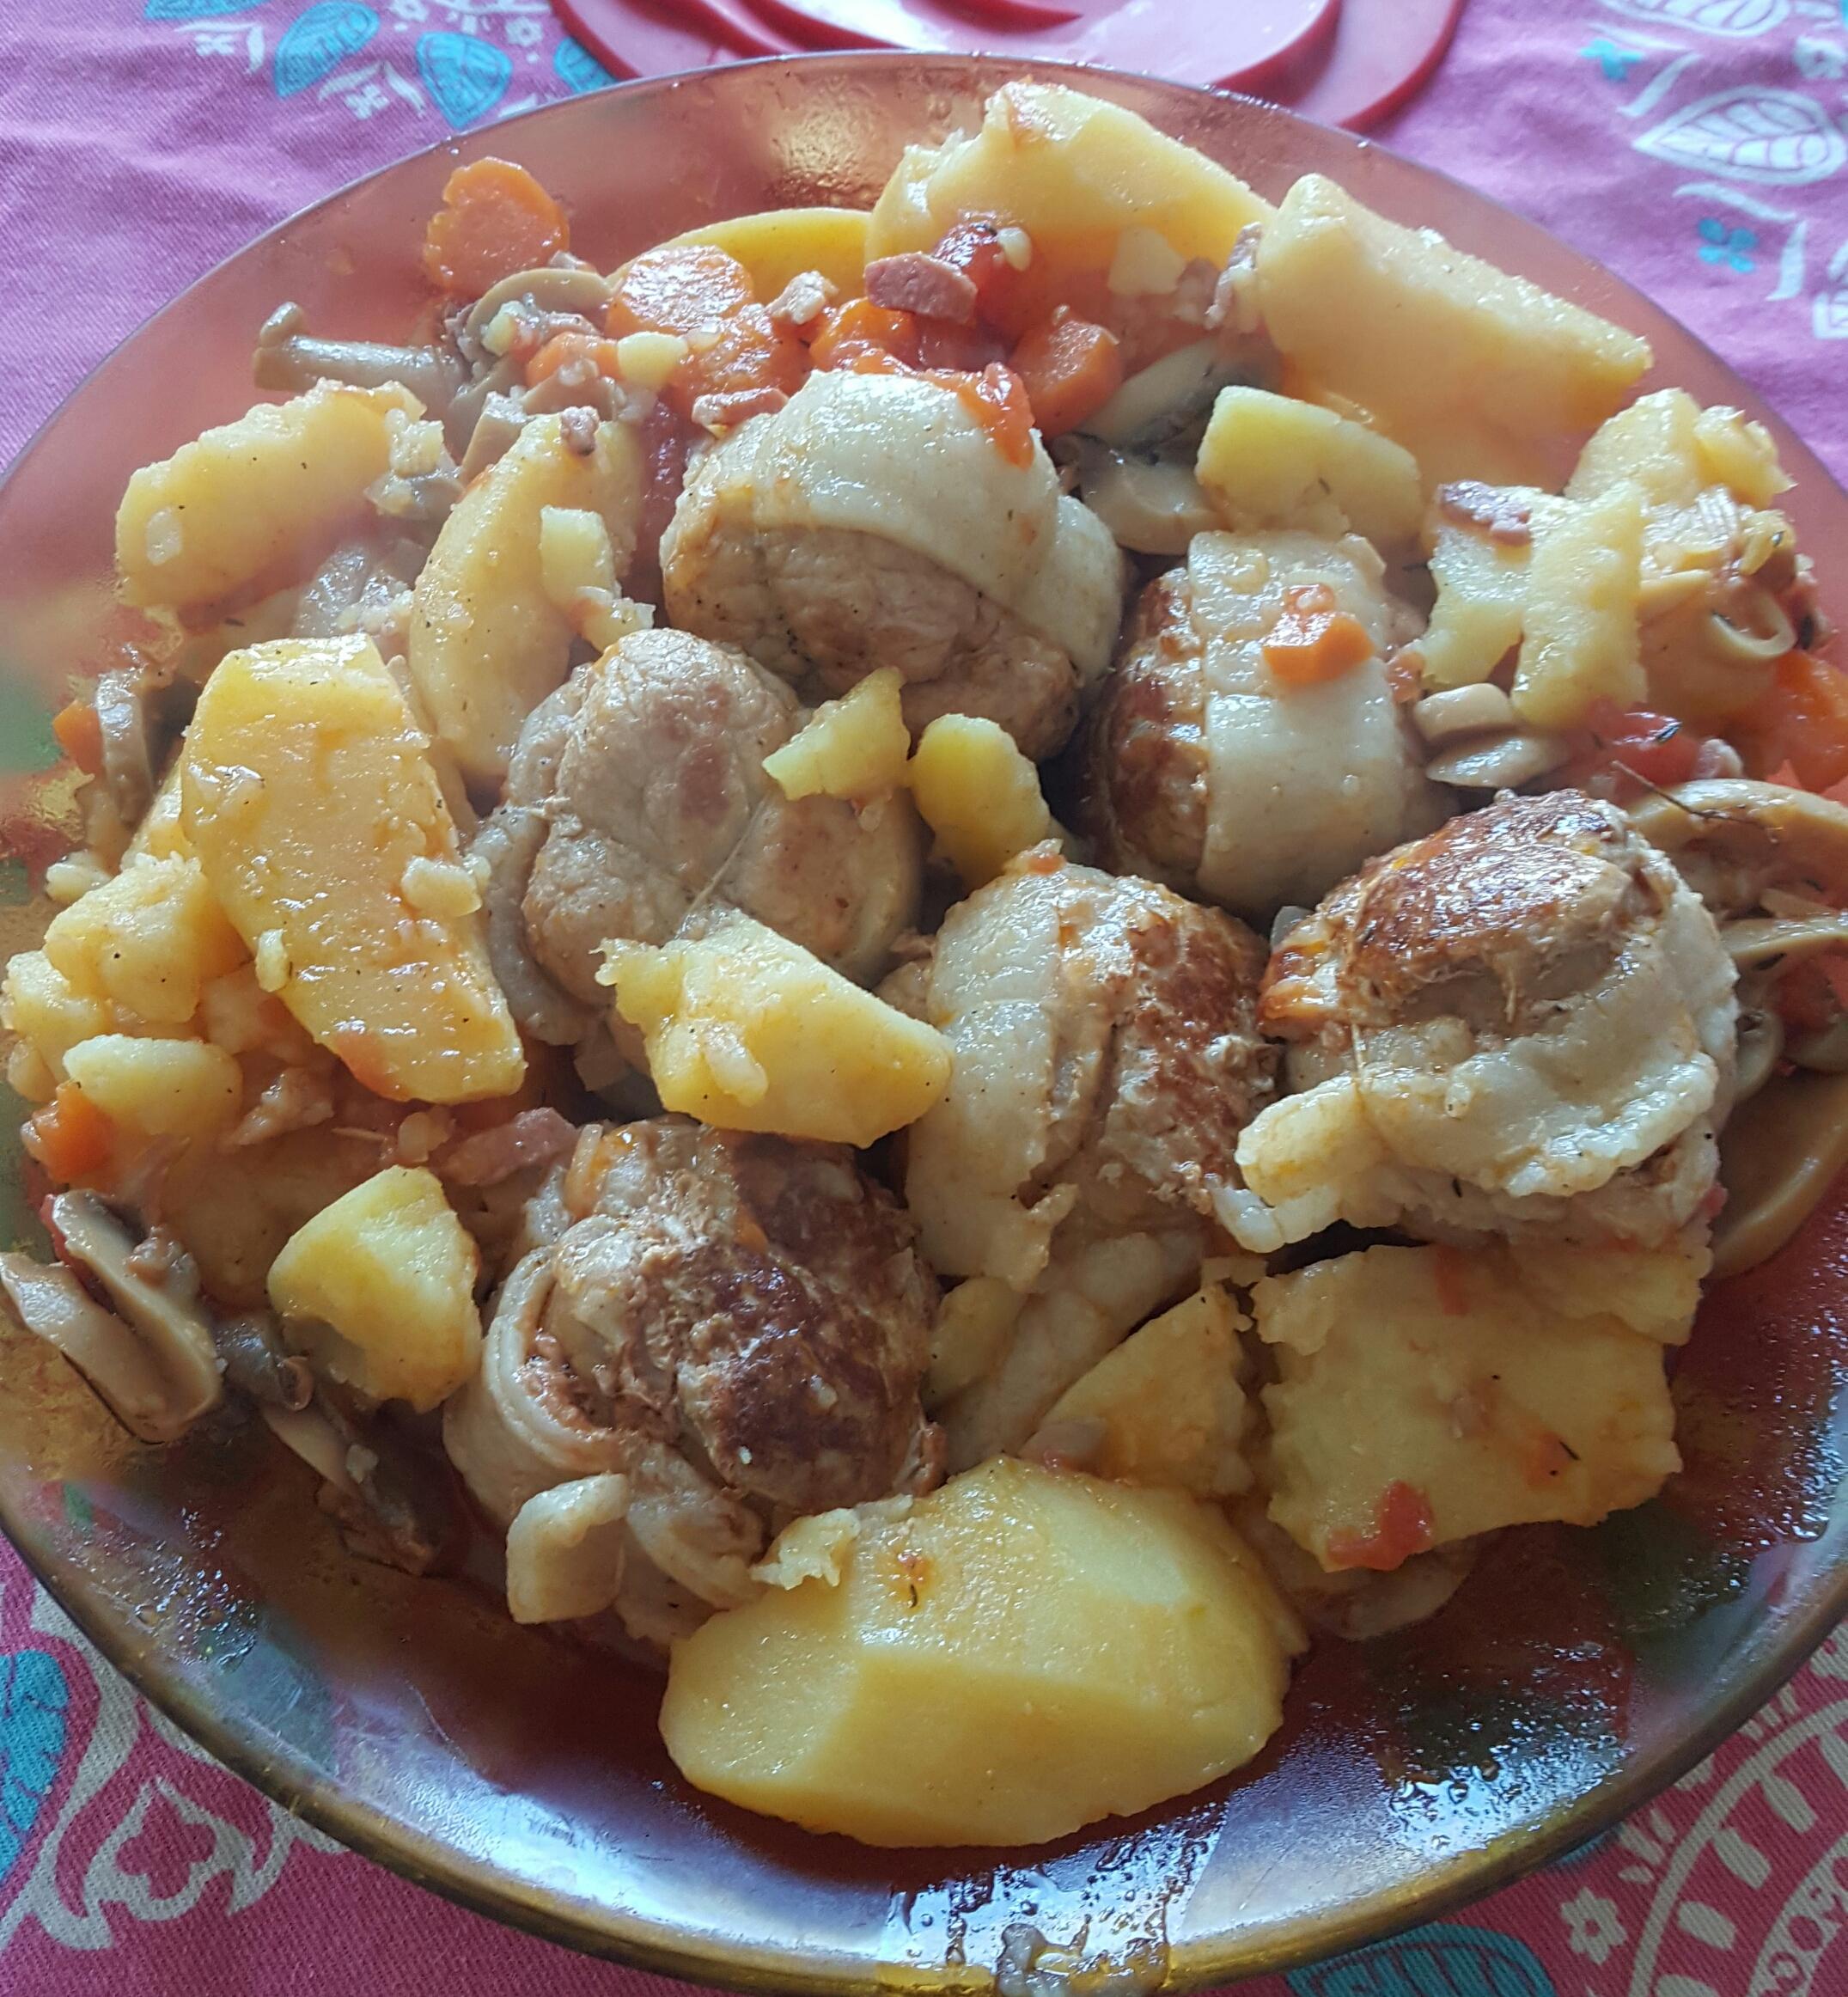 Paupiettes de porc la proven ale recettes cookeo - Paupiette de porc recette ...